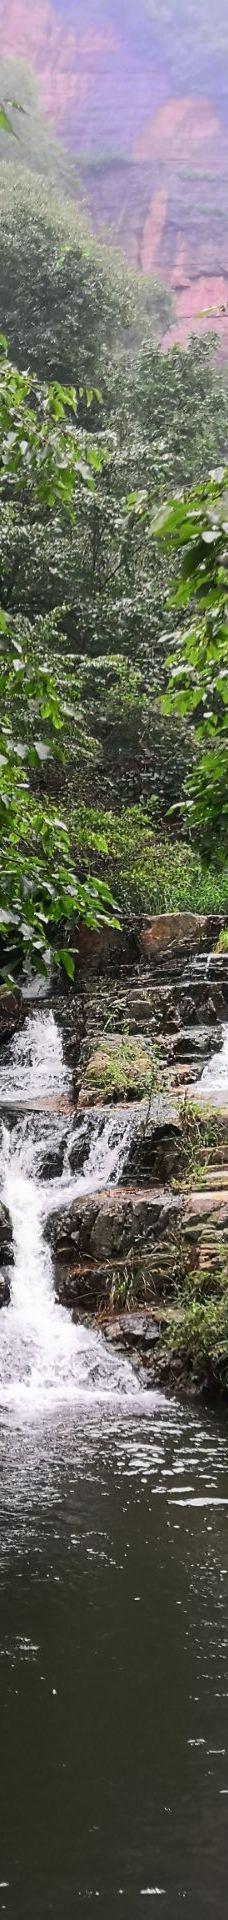 龙潭大峡谷-新安